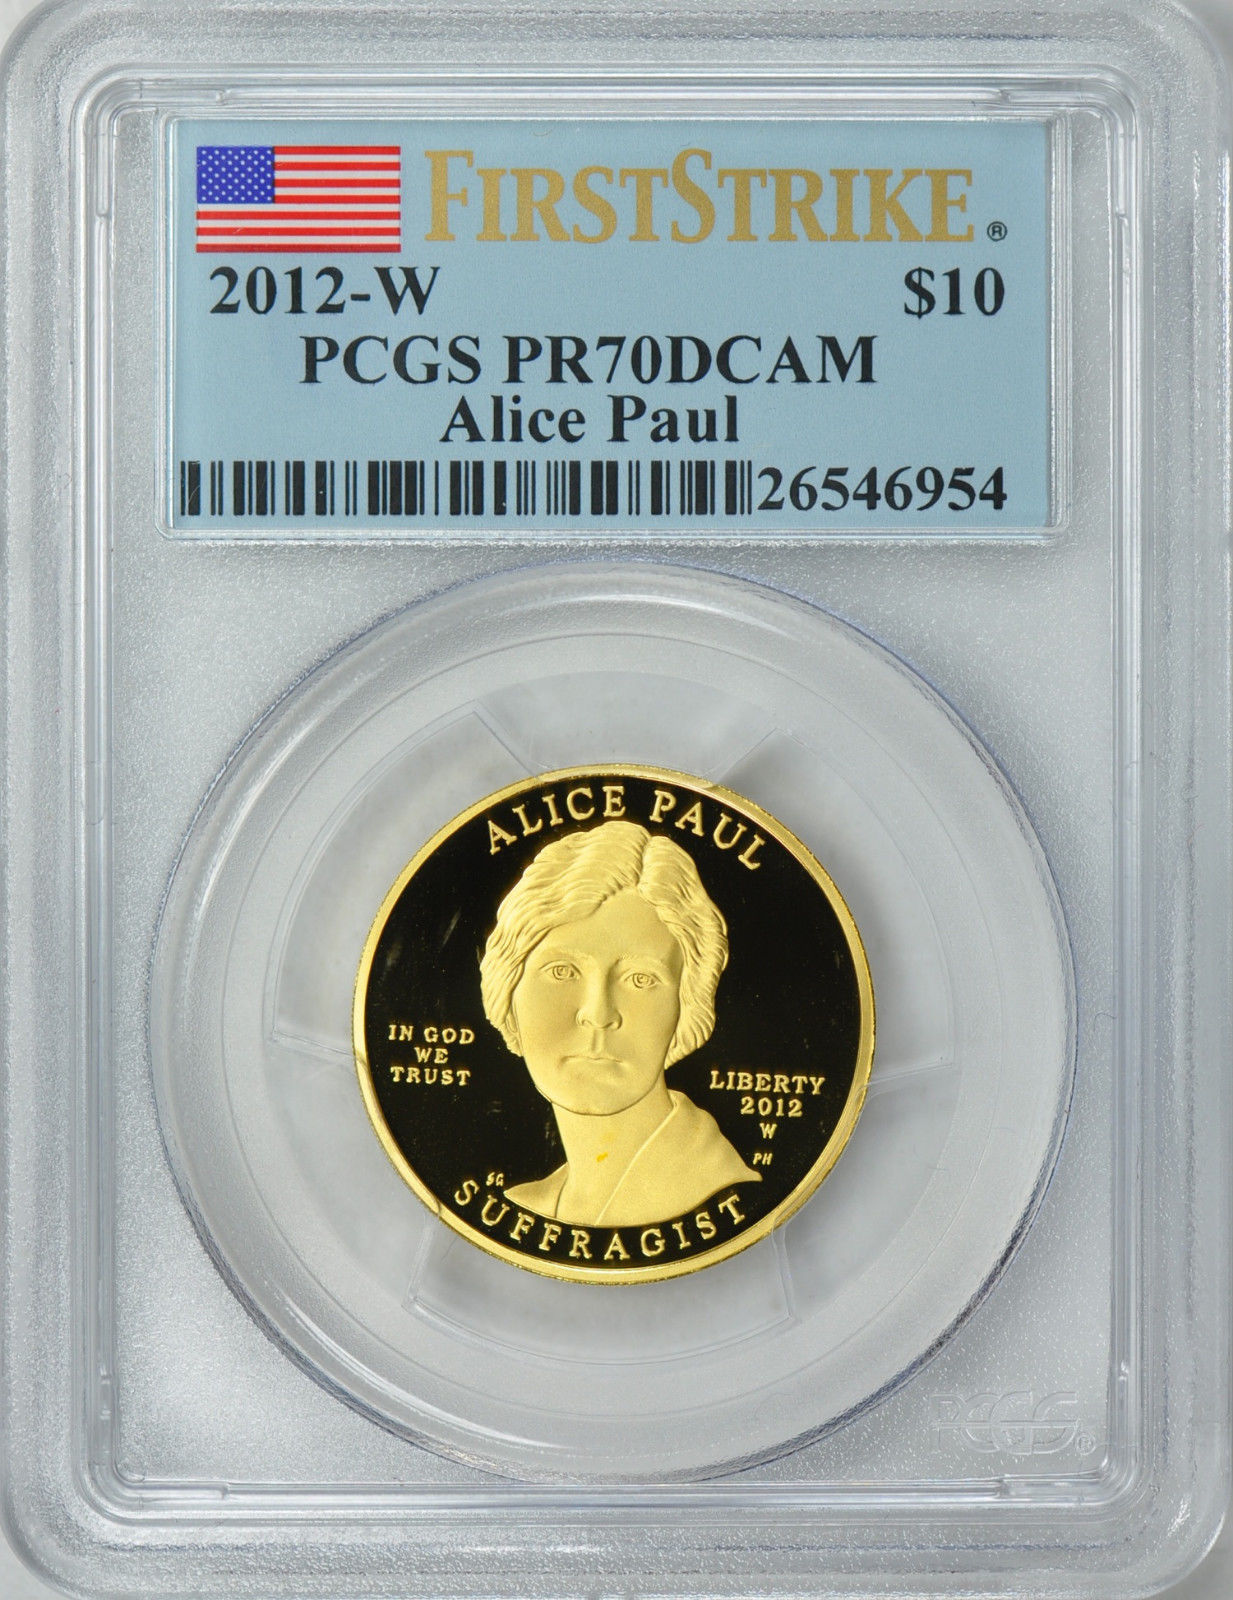 【動画あり】2012-W 10ドル金貨 アリス ポール$10 PCGS PR70 FIRST STRIKE